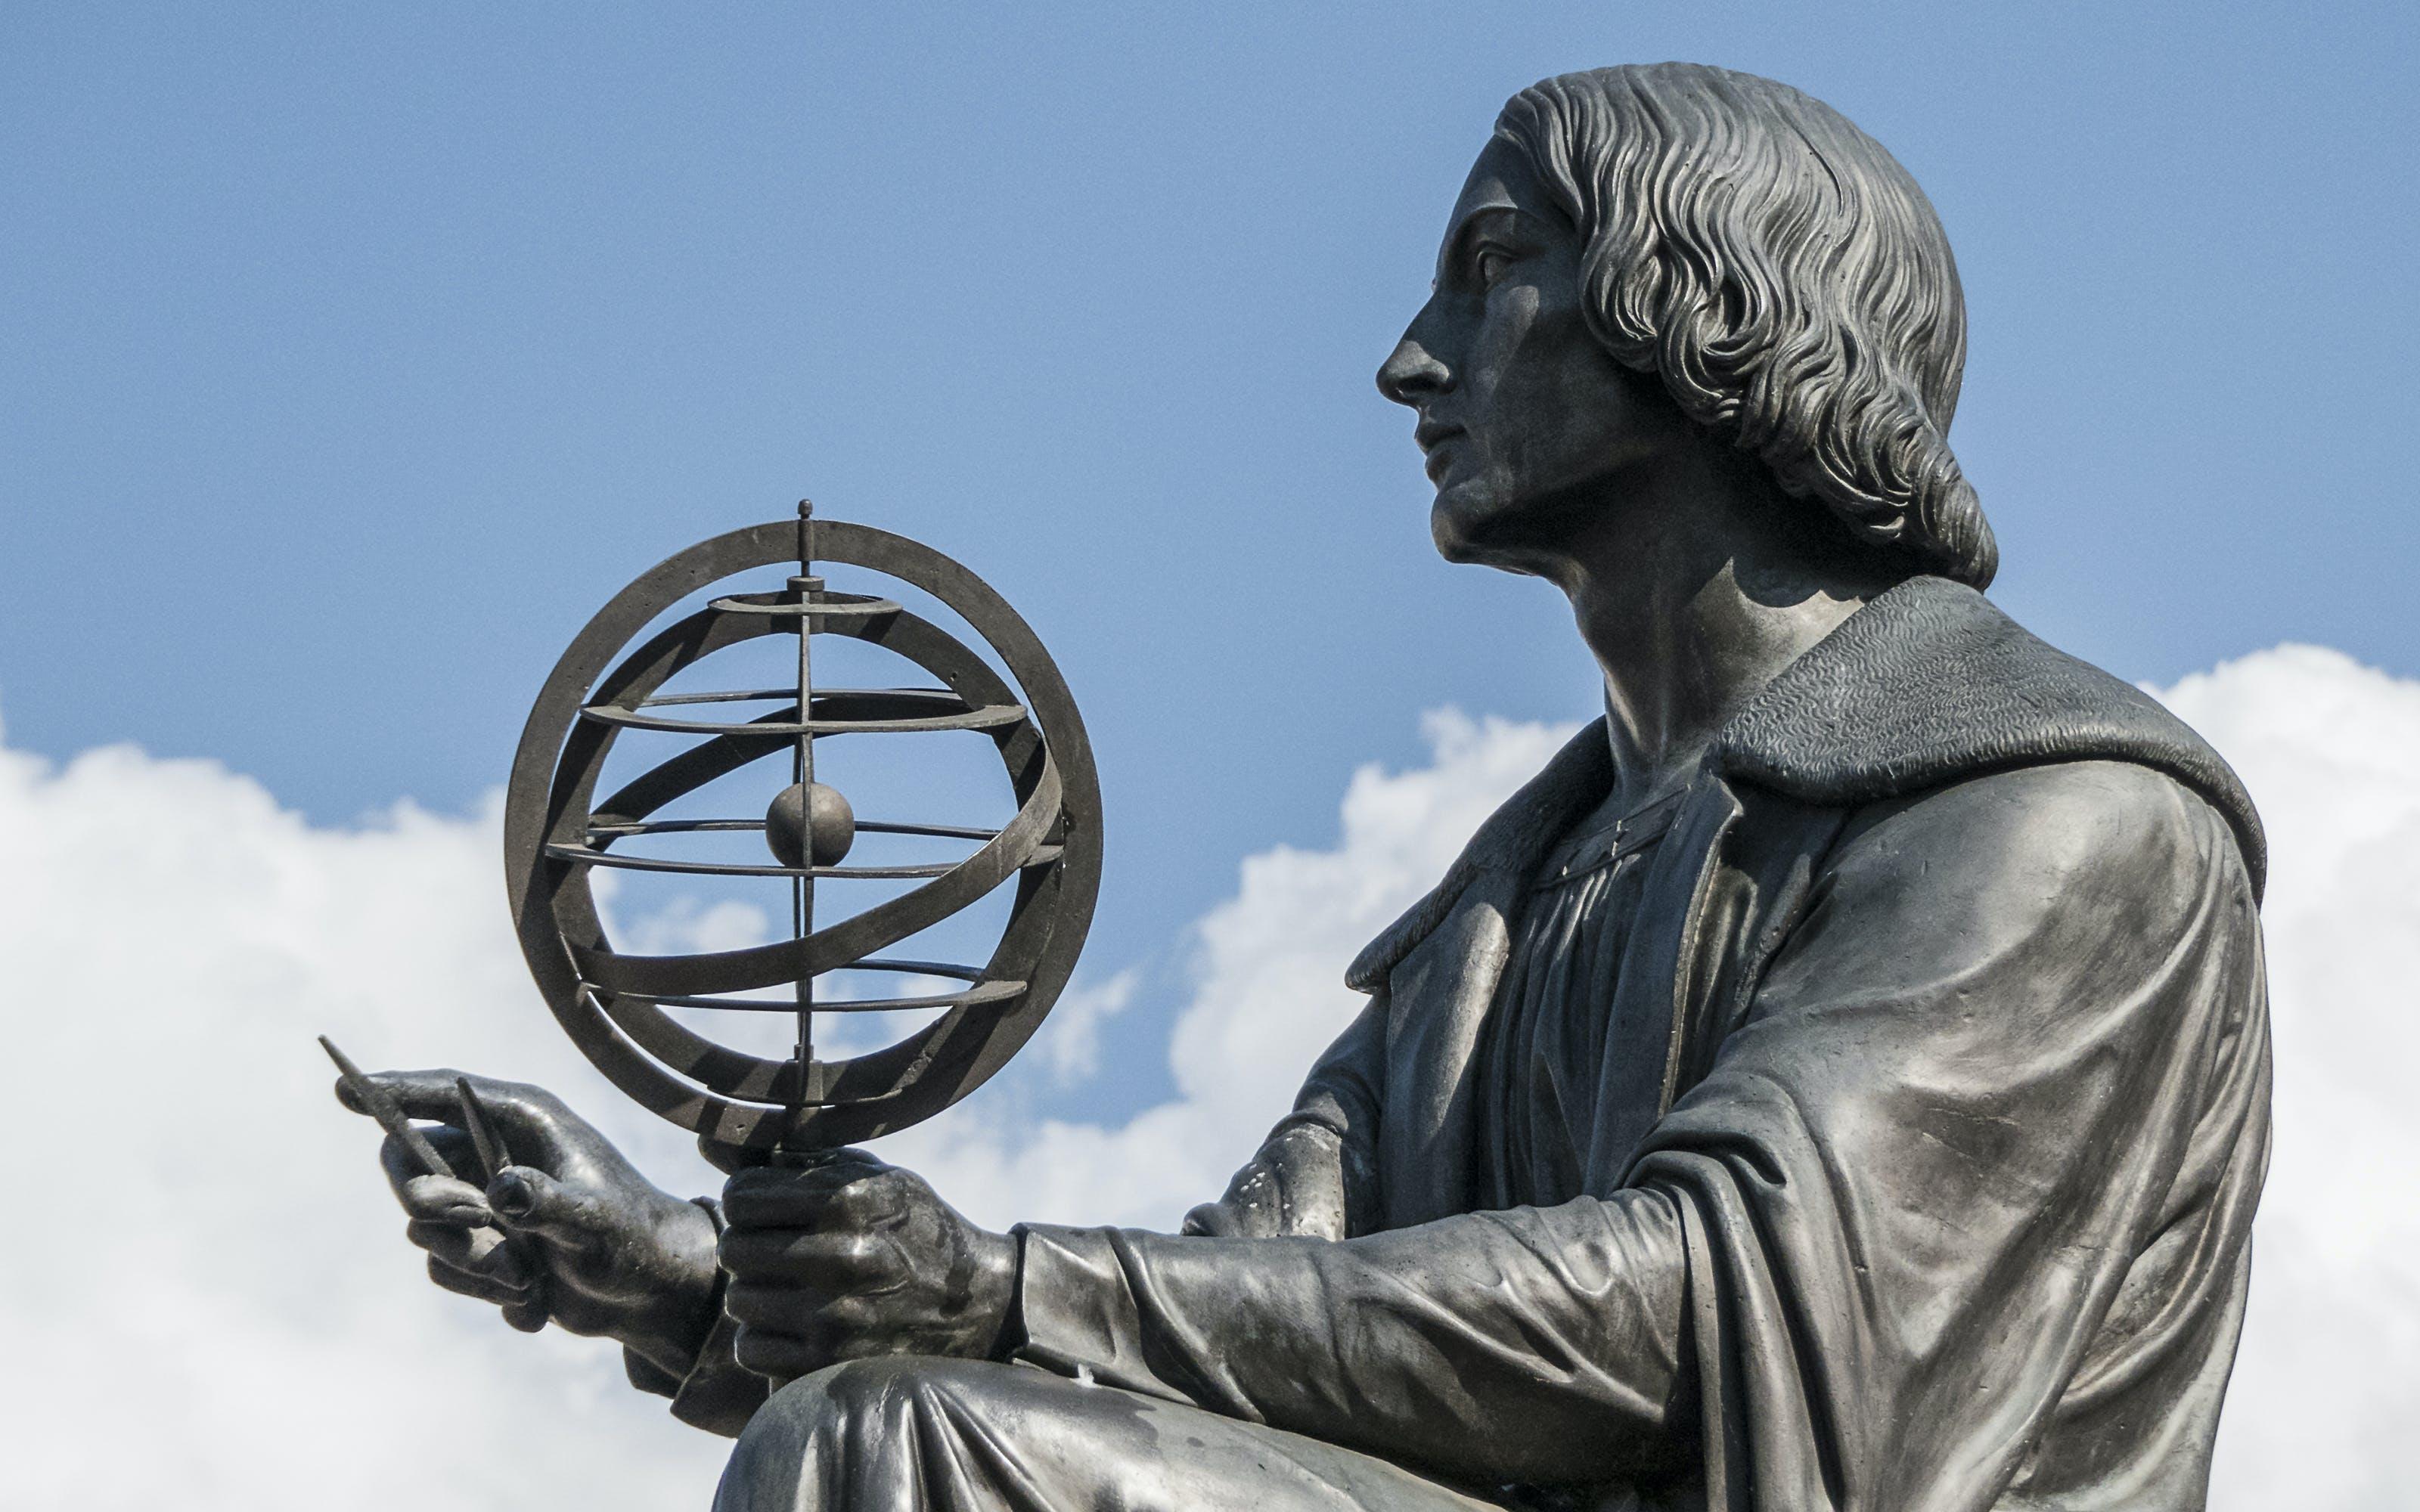 Kostenloses Stock Foto zu globus, kopernikus, statue